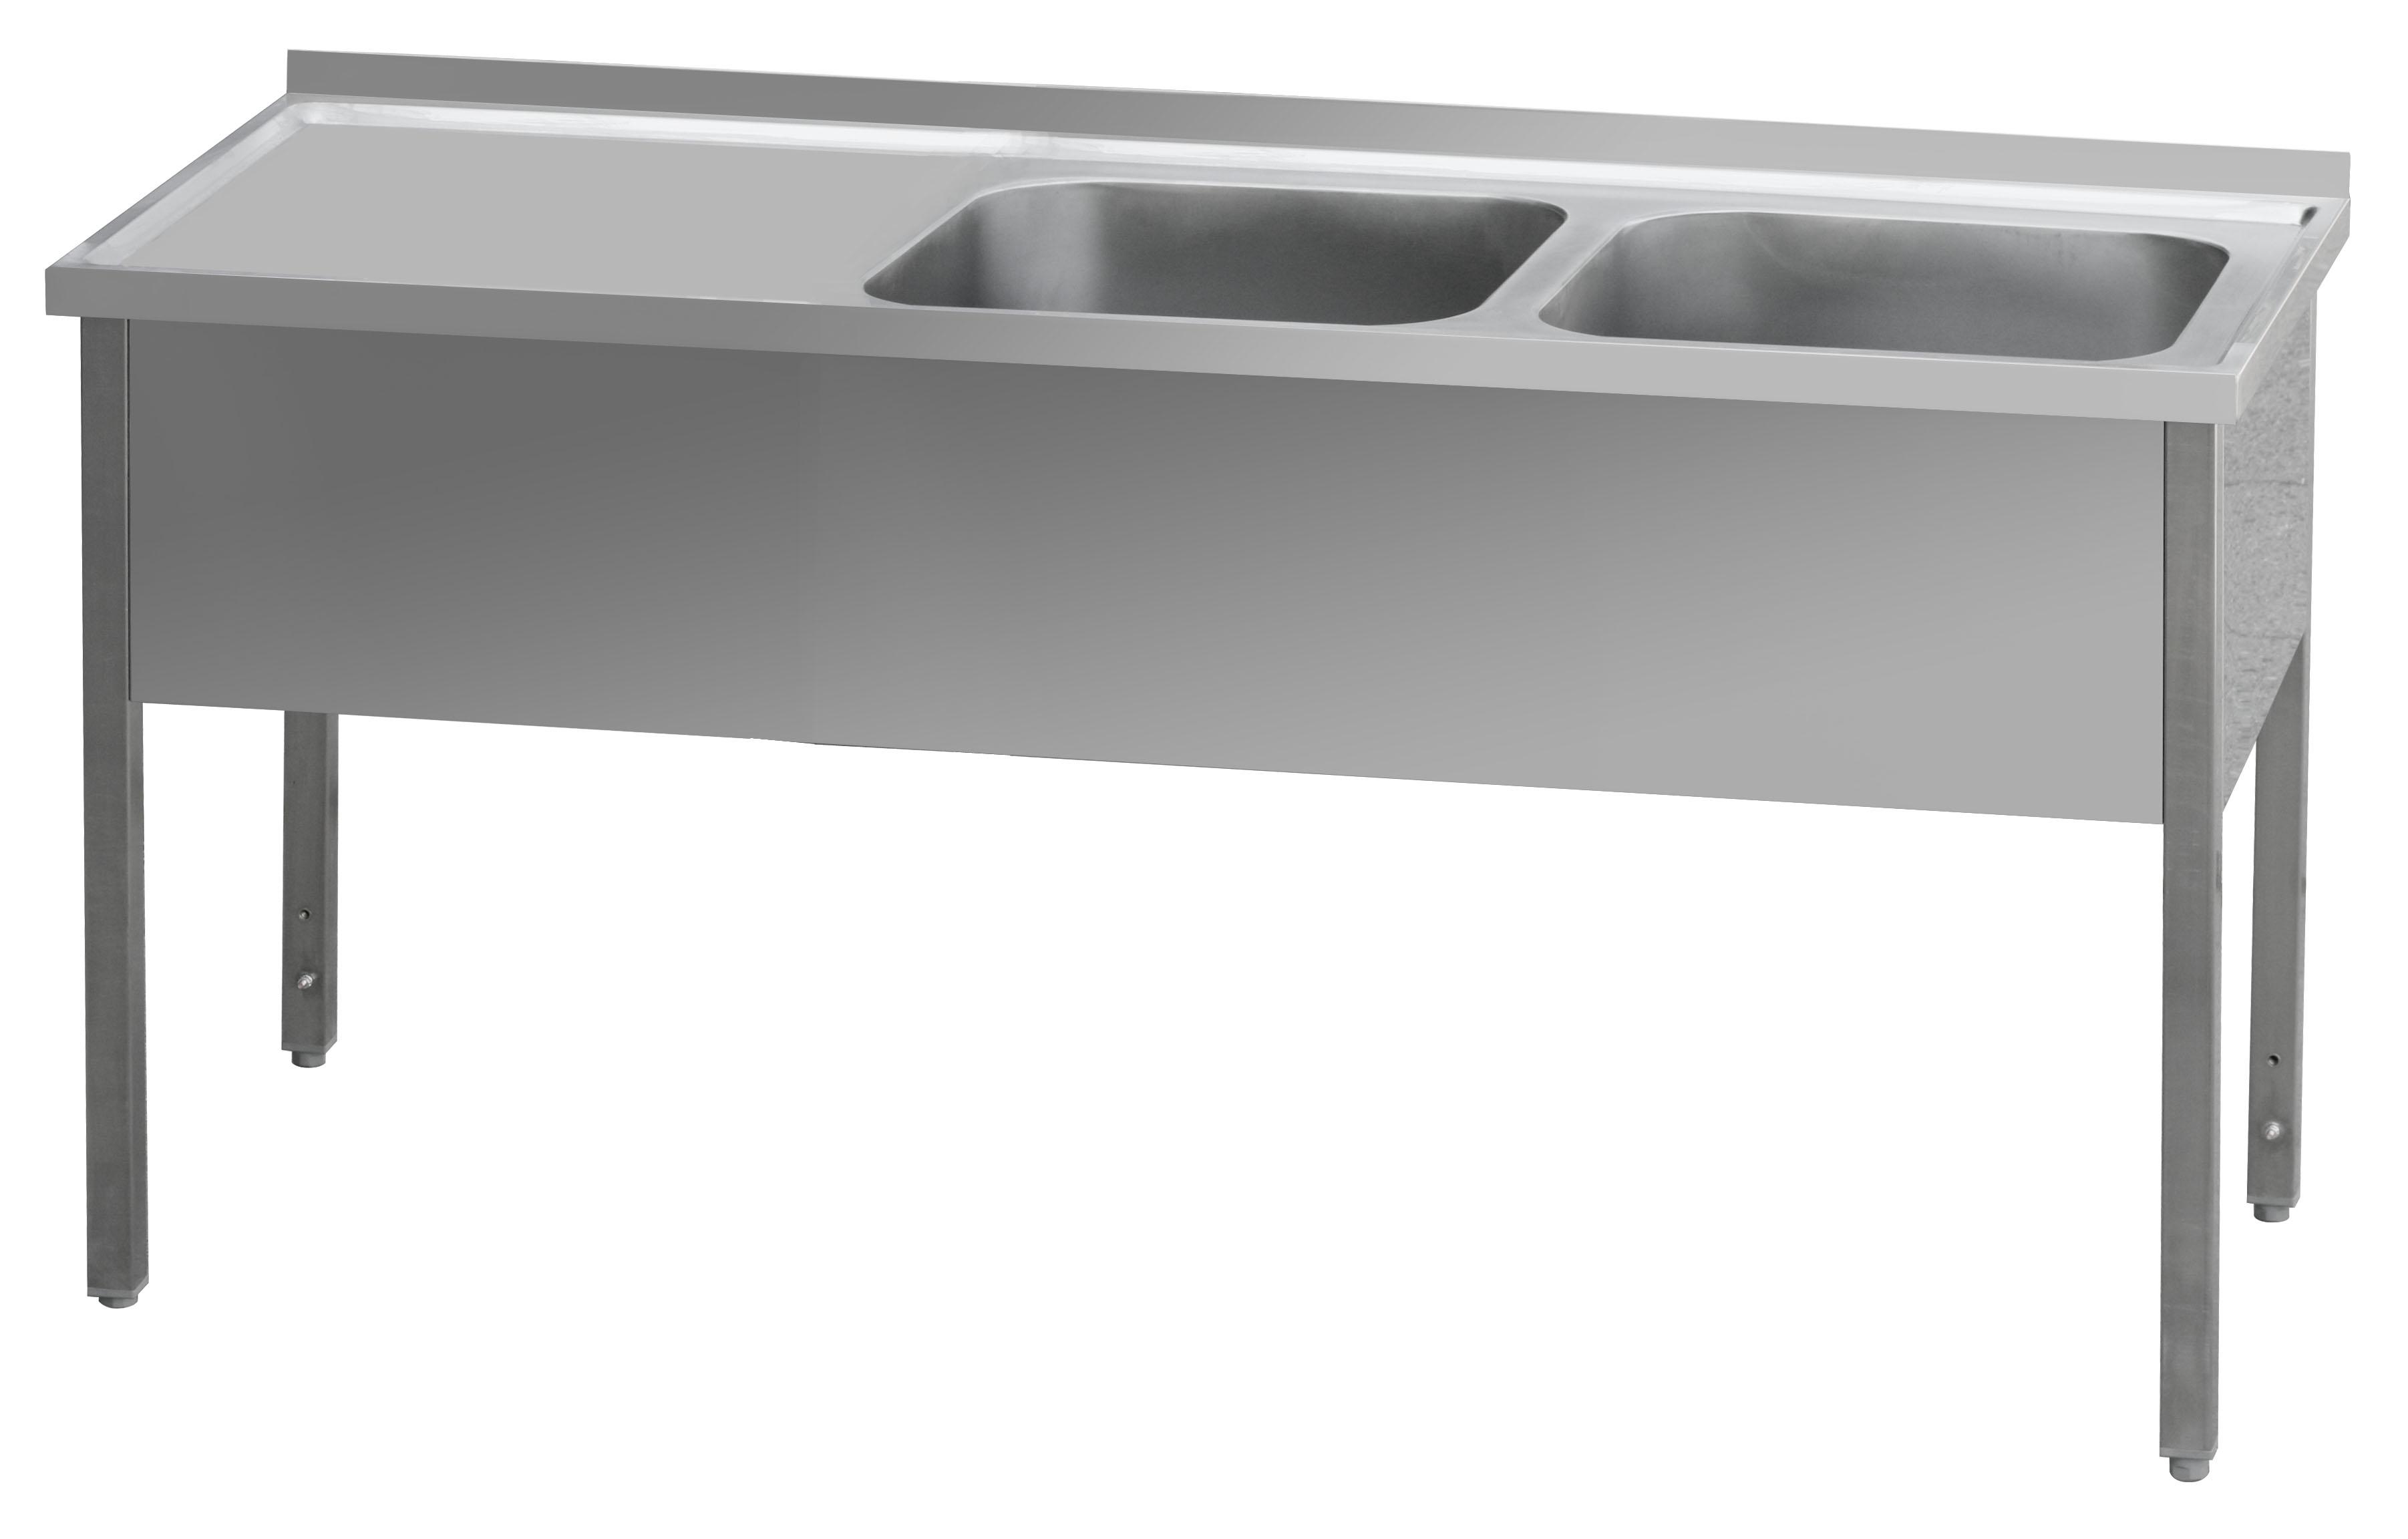 Stůl mycí dvoudřez MSDOL 210x70x90 REDFOX